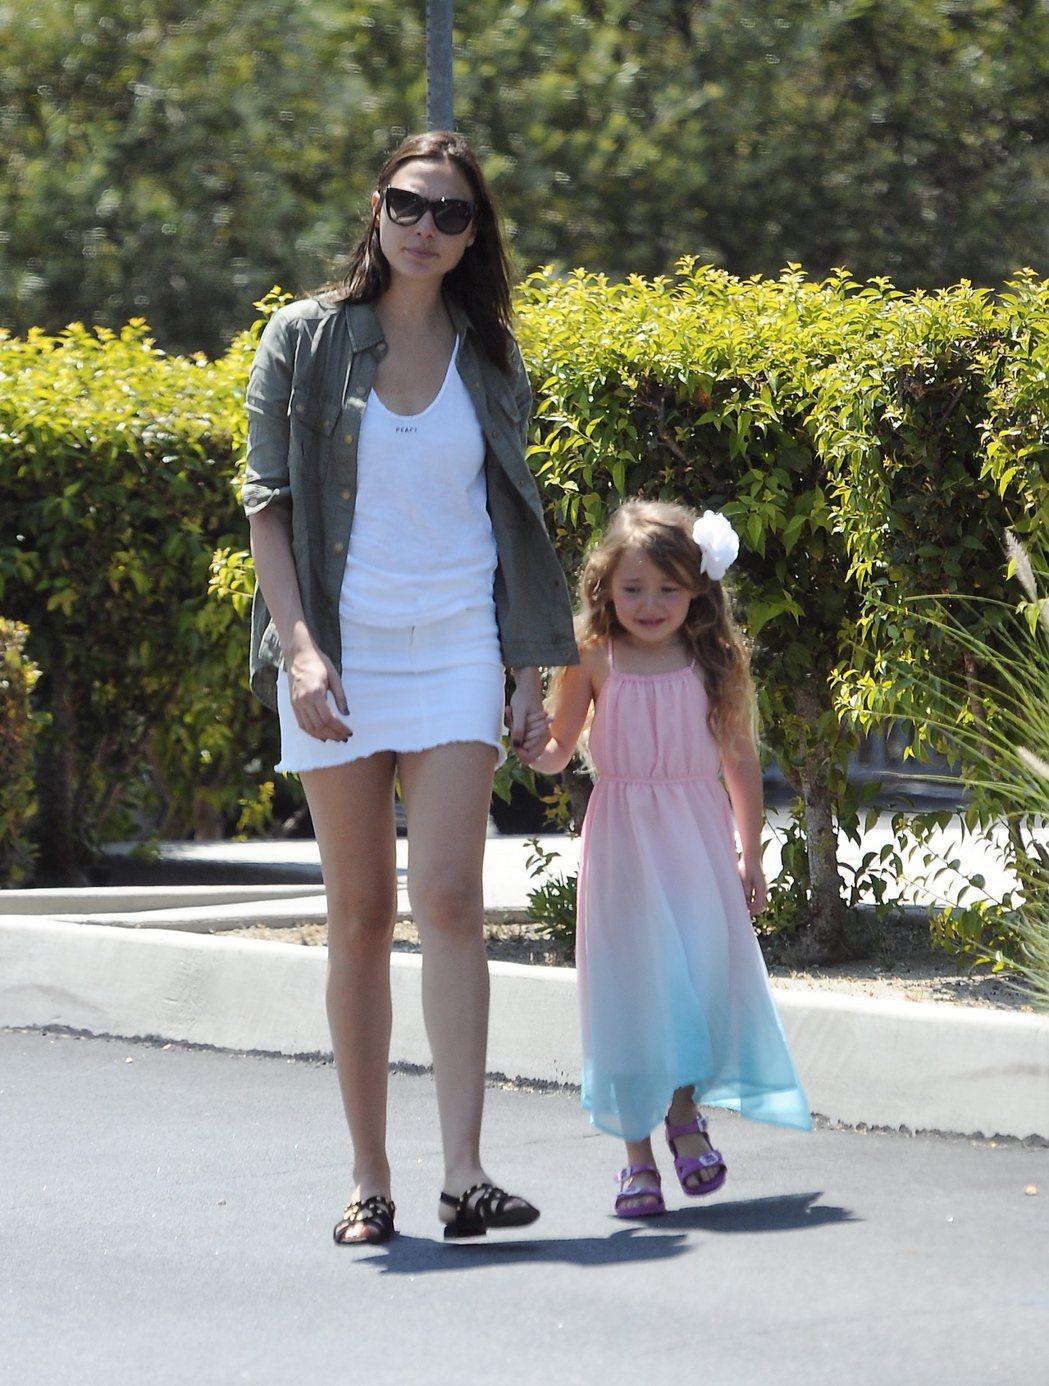 蓋兒加朵難得秀出女兒艾瑪凡薩諾,兩人一同愉快逛街。圖/達志